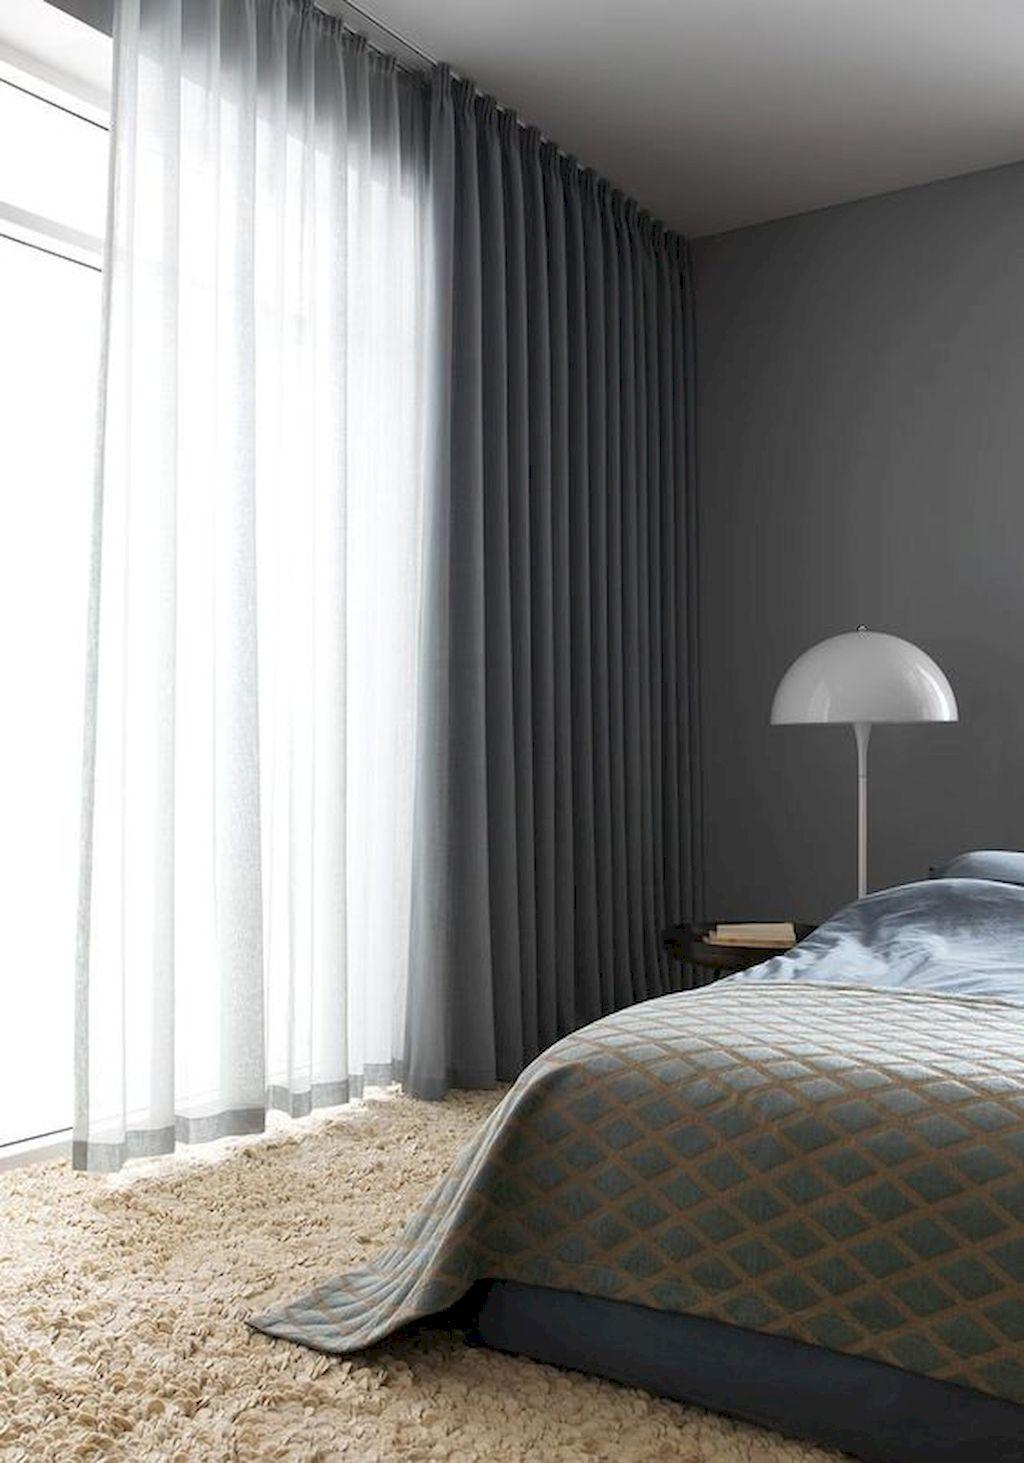 Double Rideaux Style Chalet 60 favourite scandinavian bedroom design ideas | rideaux